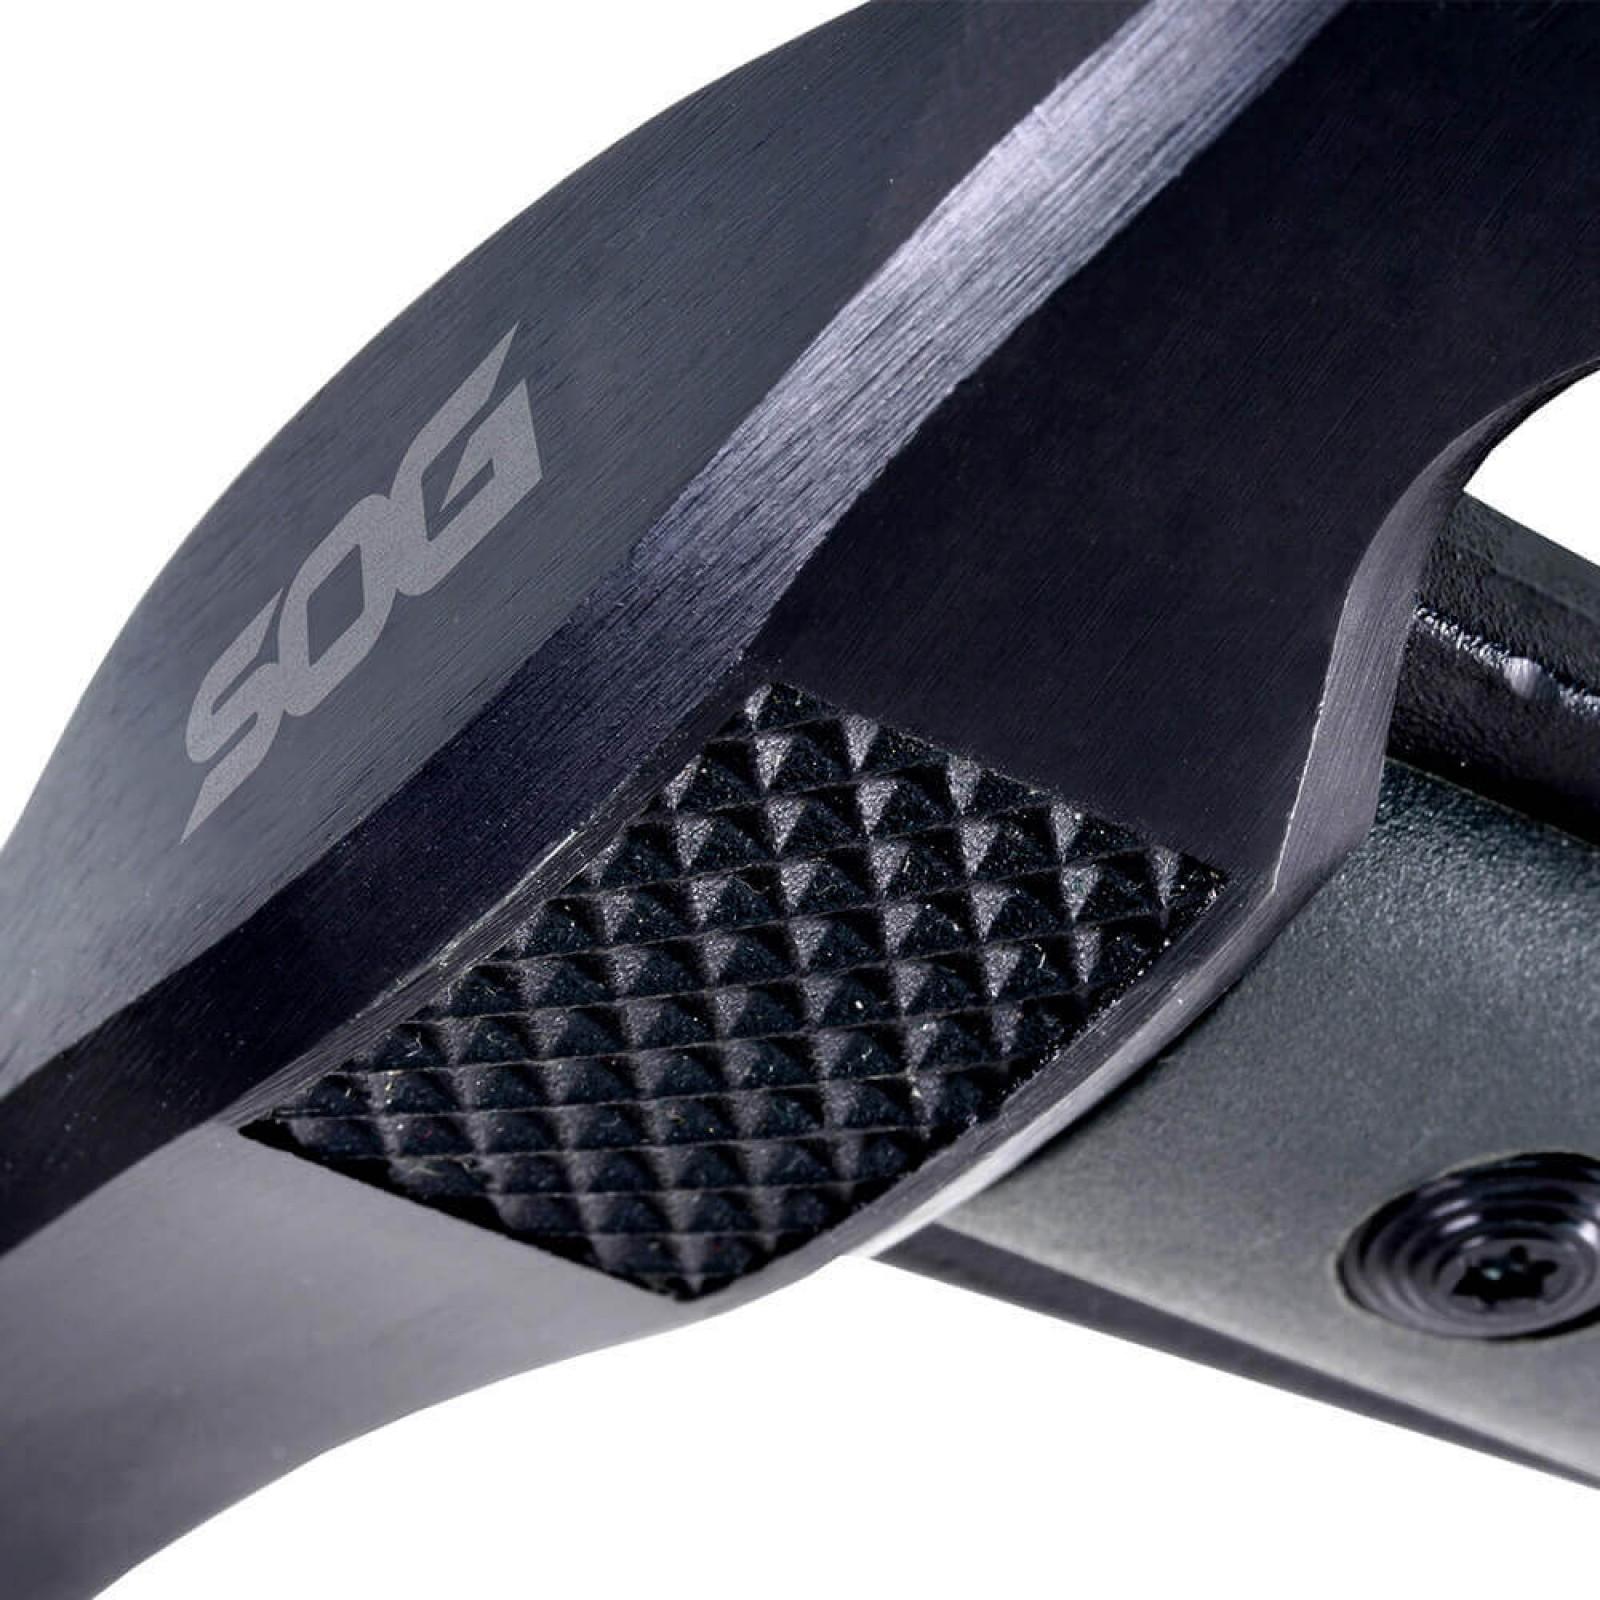 Фото 6 - Топор - тактический томагавк TACTICAL TOMAHAWK BLACK- SOG F01T, сталь 420 Black Finish, рукоять термопластик GRN, чёрный